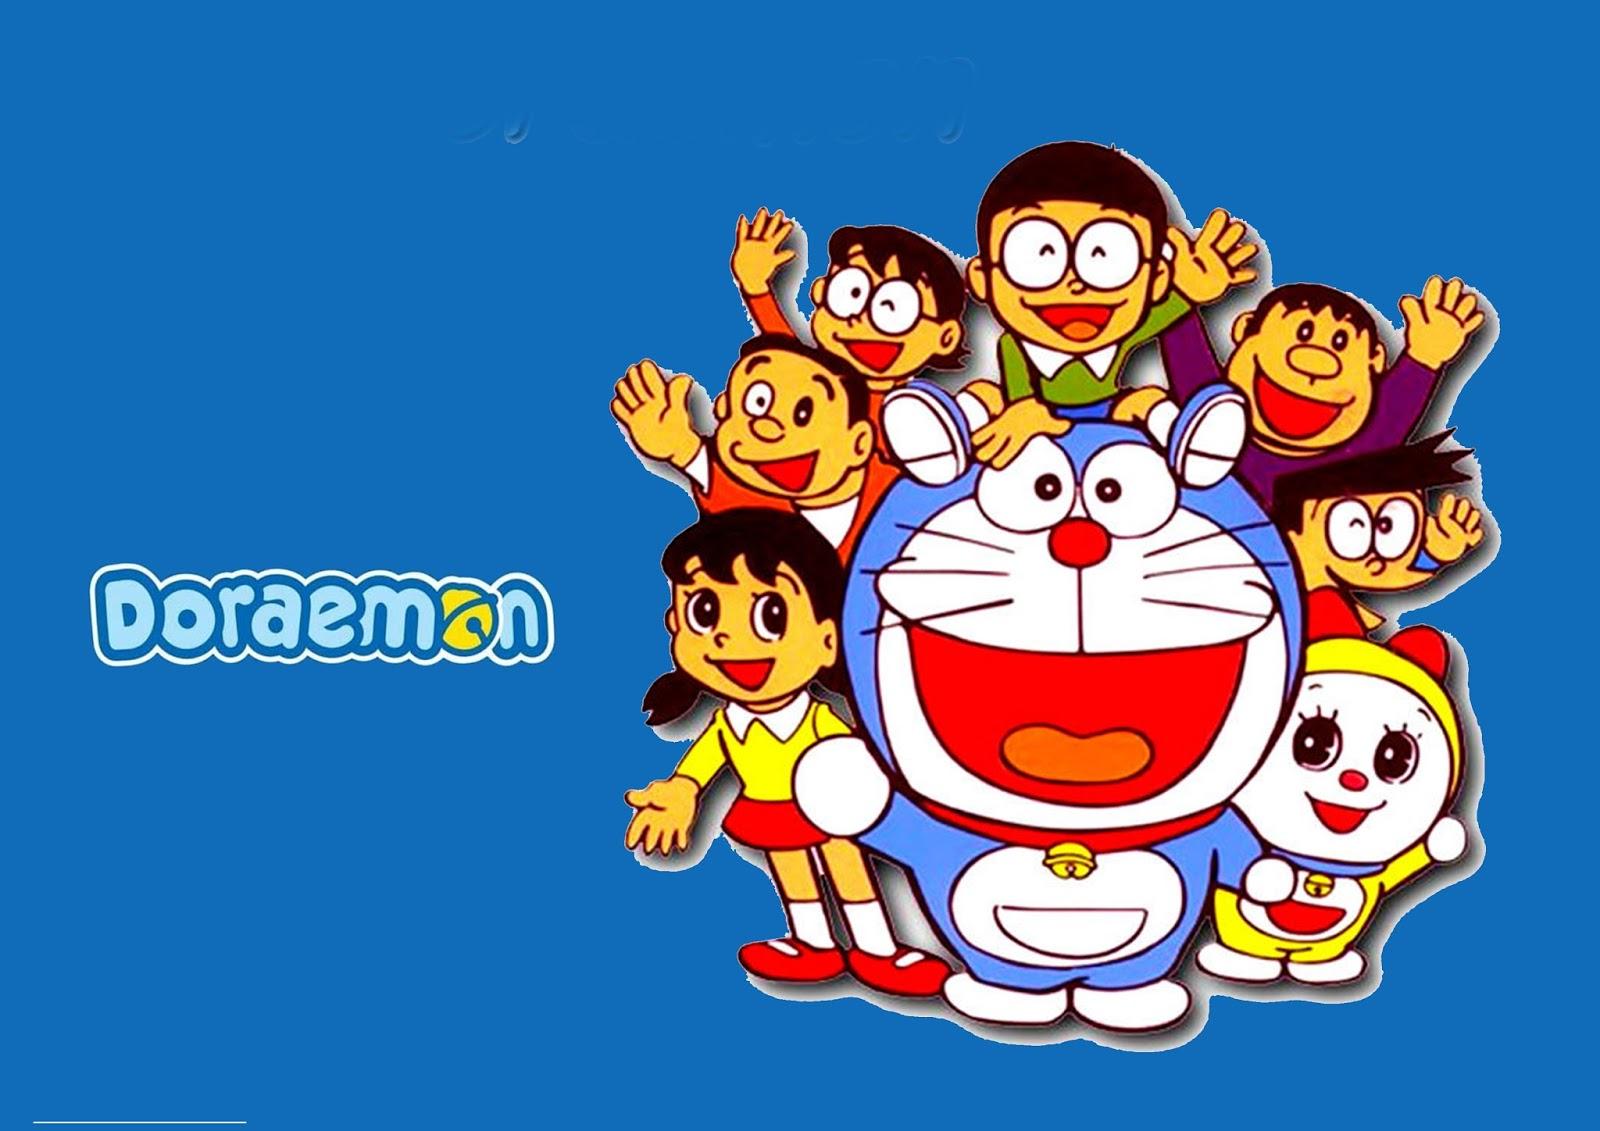 Gambar Doraemon Lucu Untuk Wallpaper Impremedia HERO 57